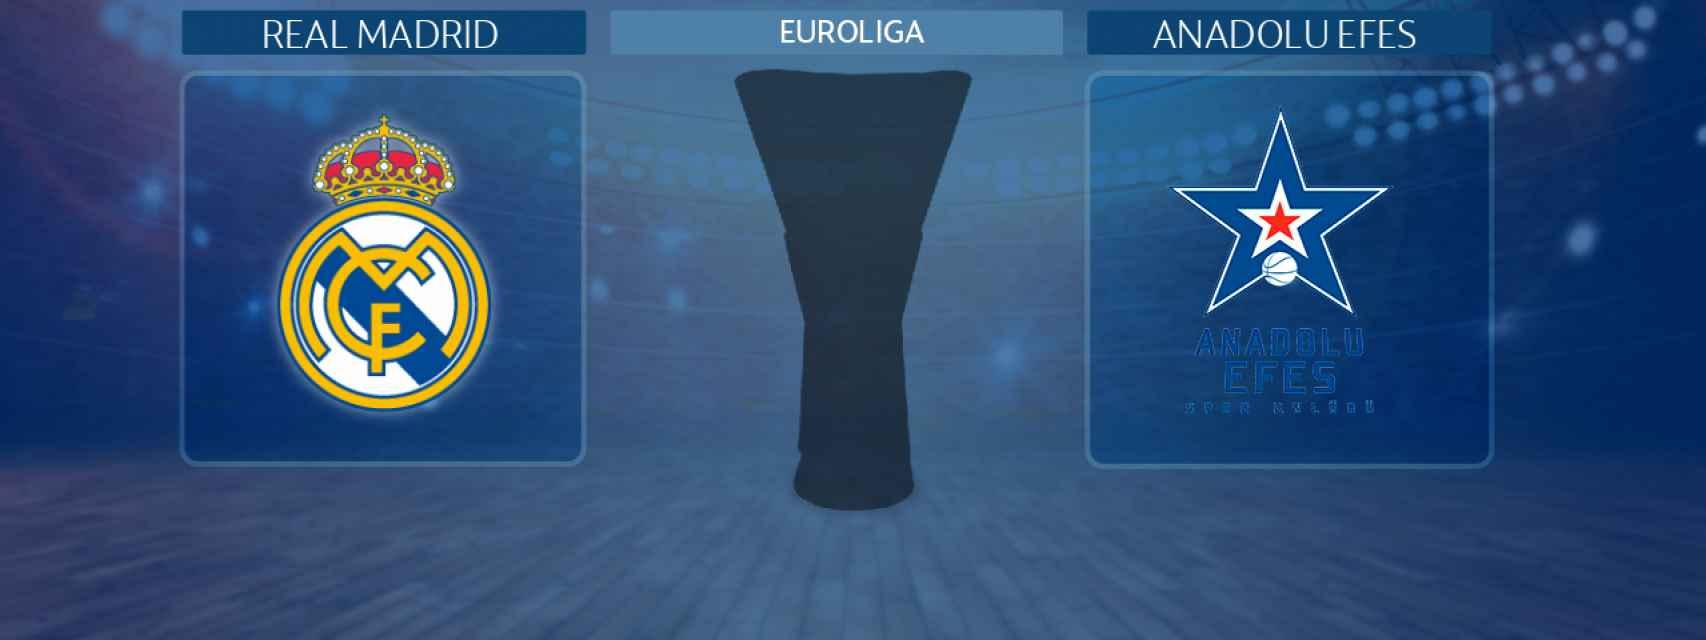 Real Madrid - Anadolu Efes, partido de la Euroliga